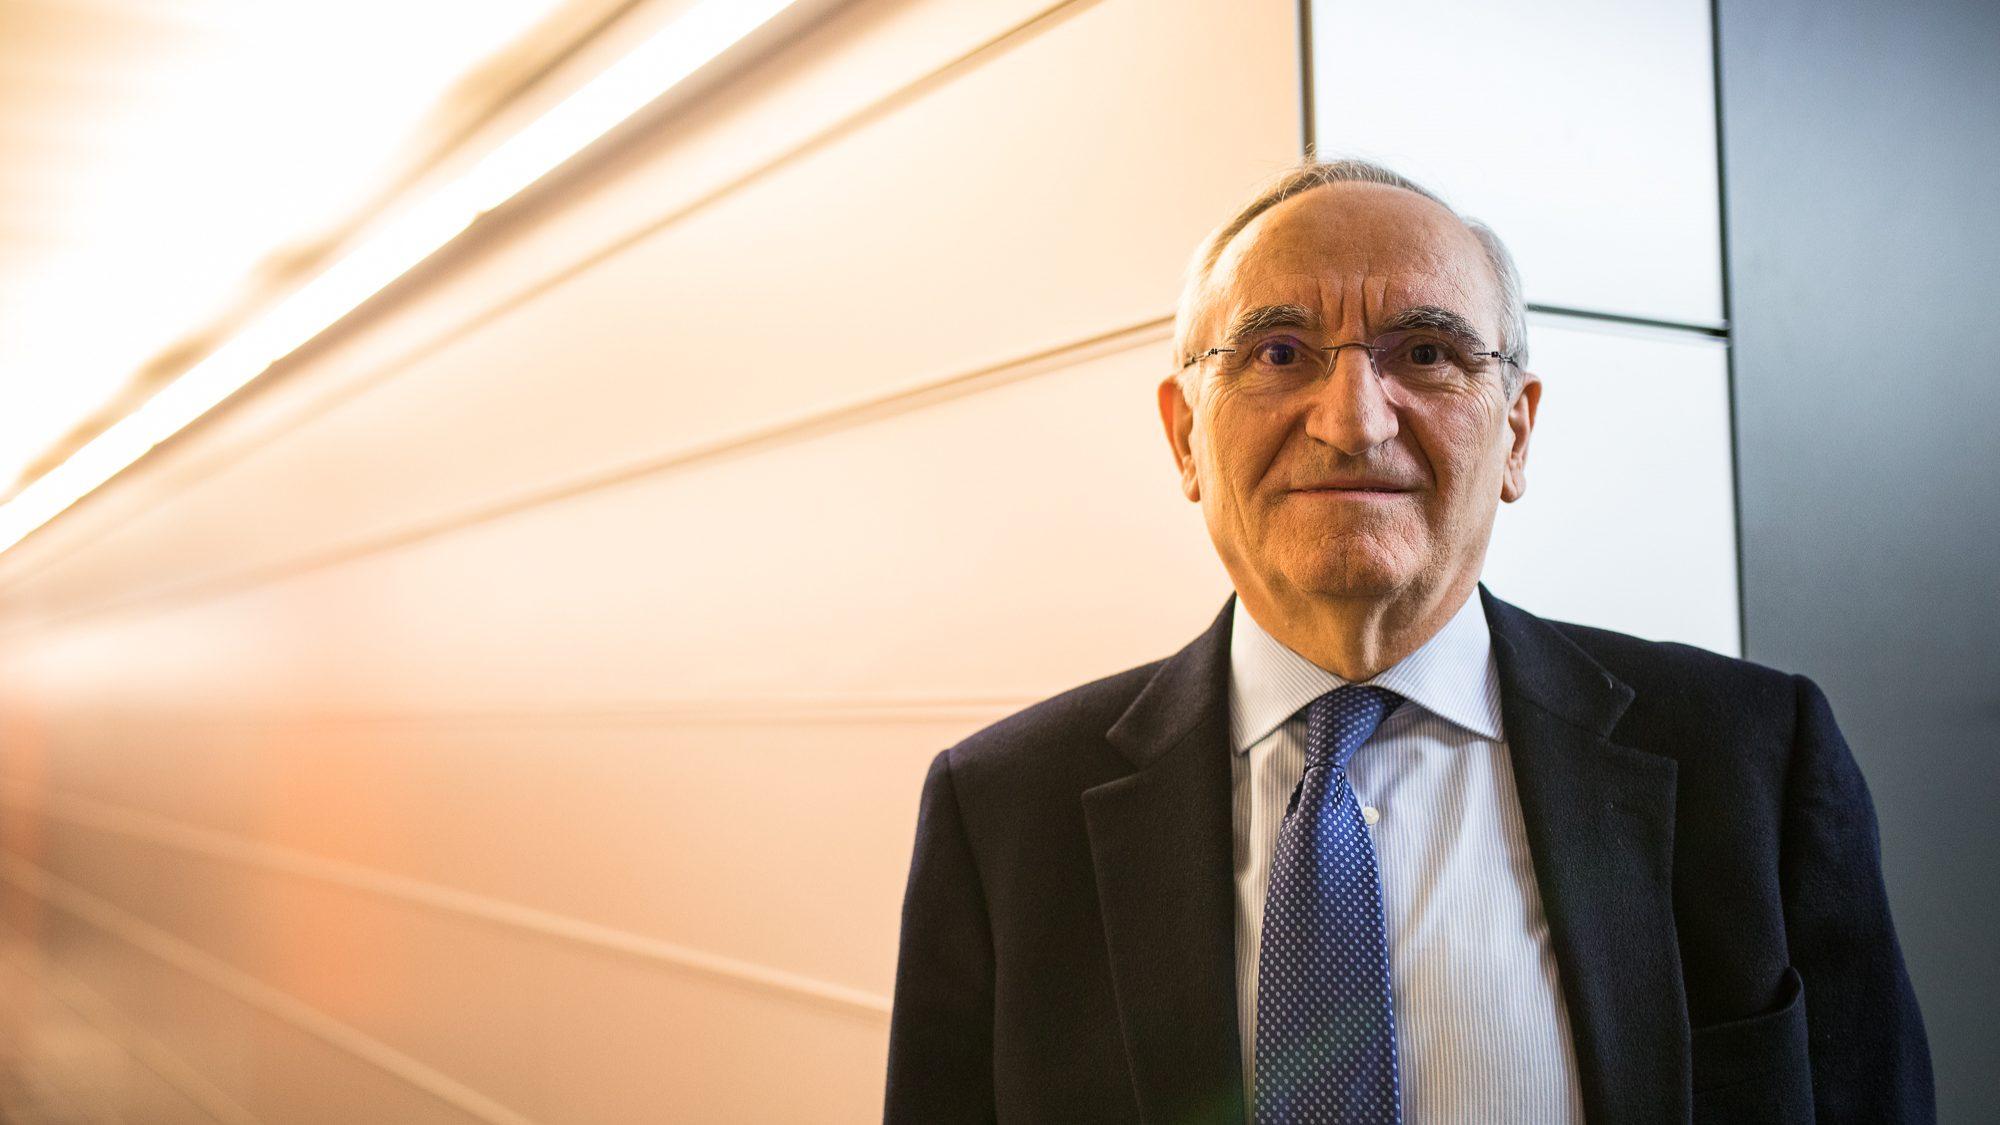 Empresas que não consigam pagar 750 euros daqui a quatro anos são ficção, diz Bagão Félix